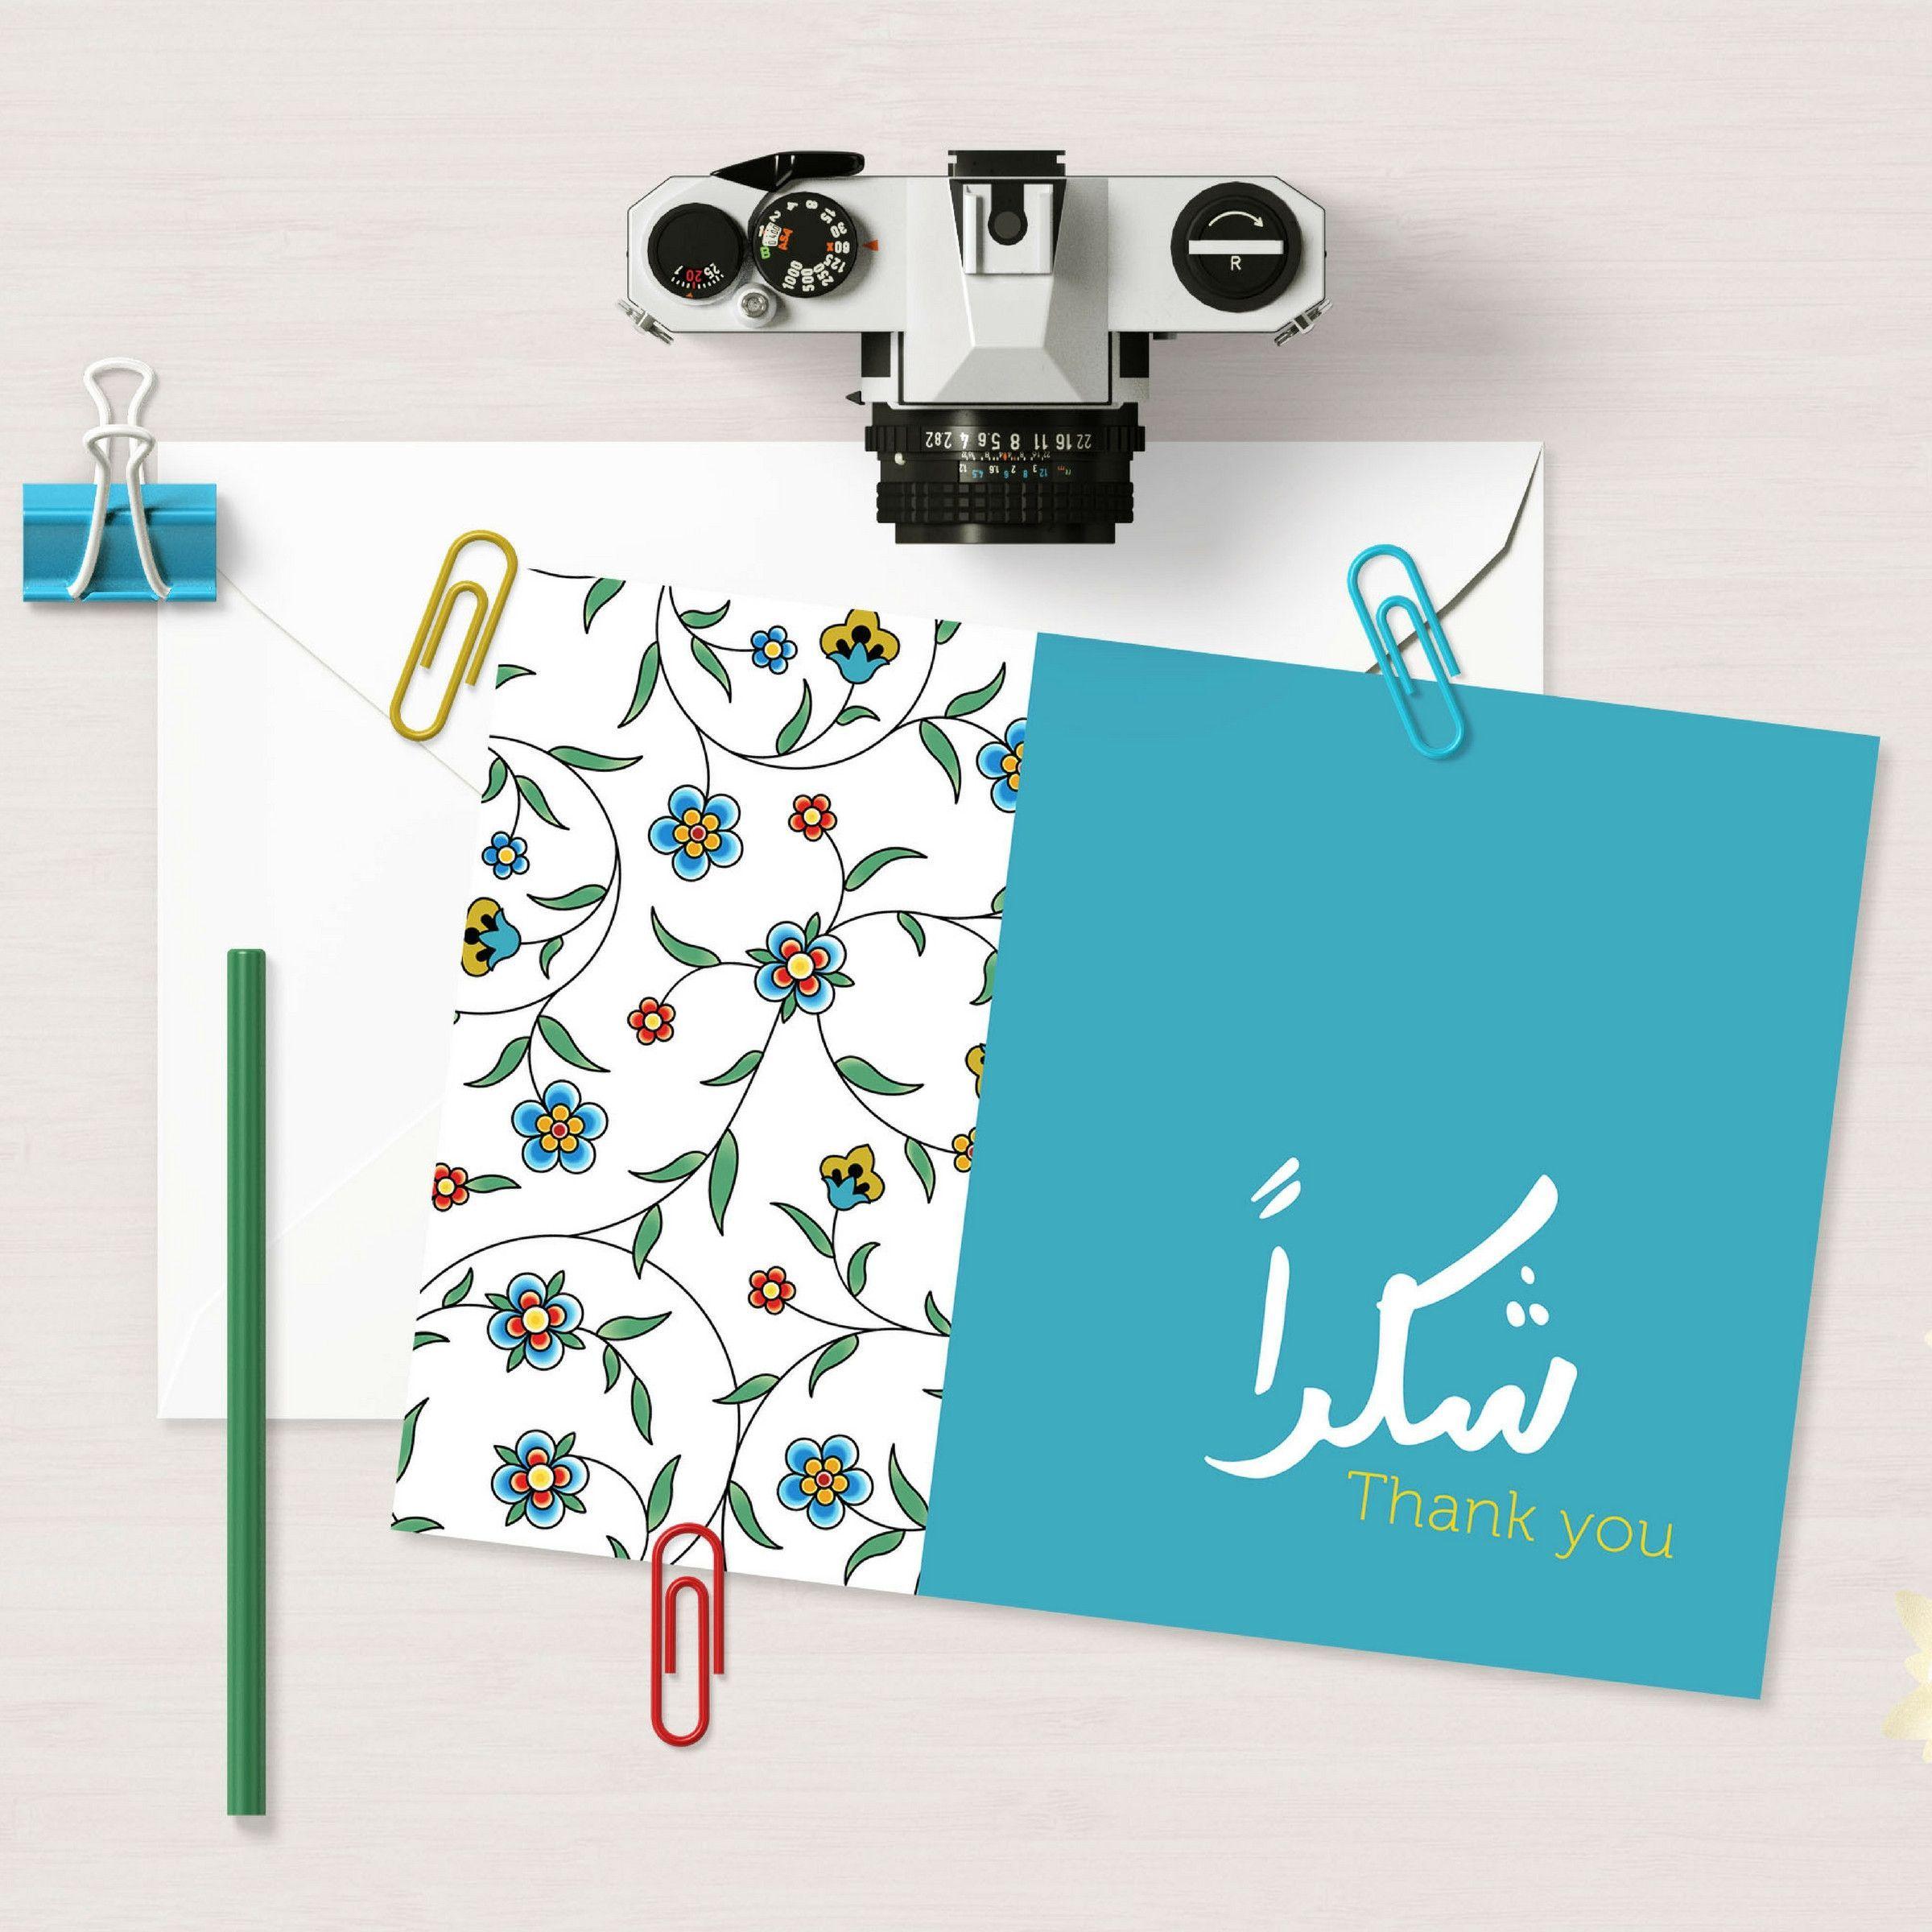 Shukran greeting card thank you islamic greeting card islamic shukran greeting card thank you islamic greeting card kristyandbryce Image collections